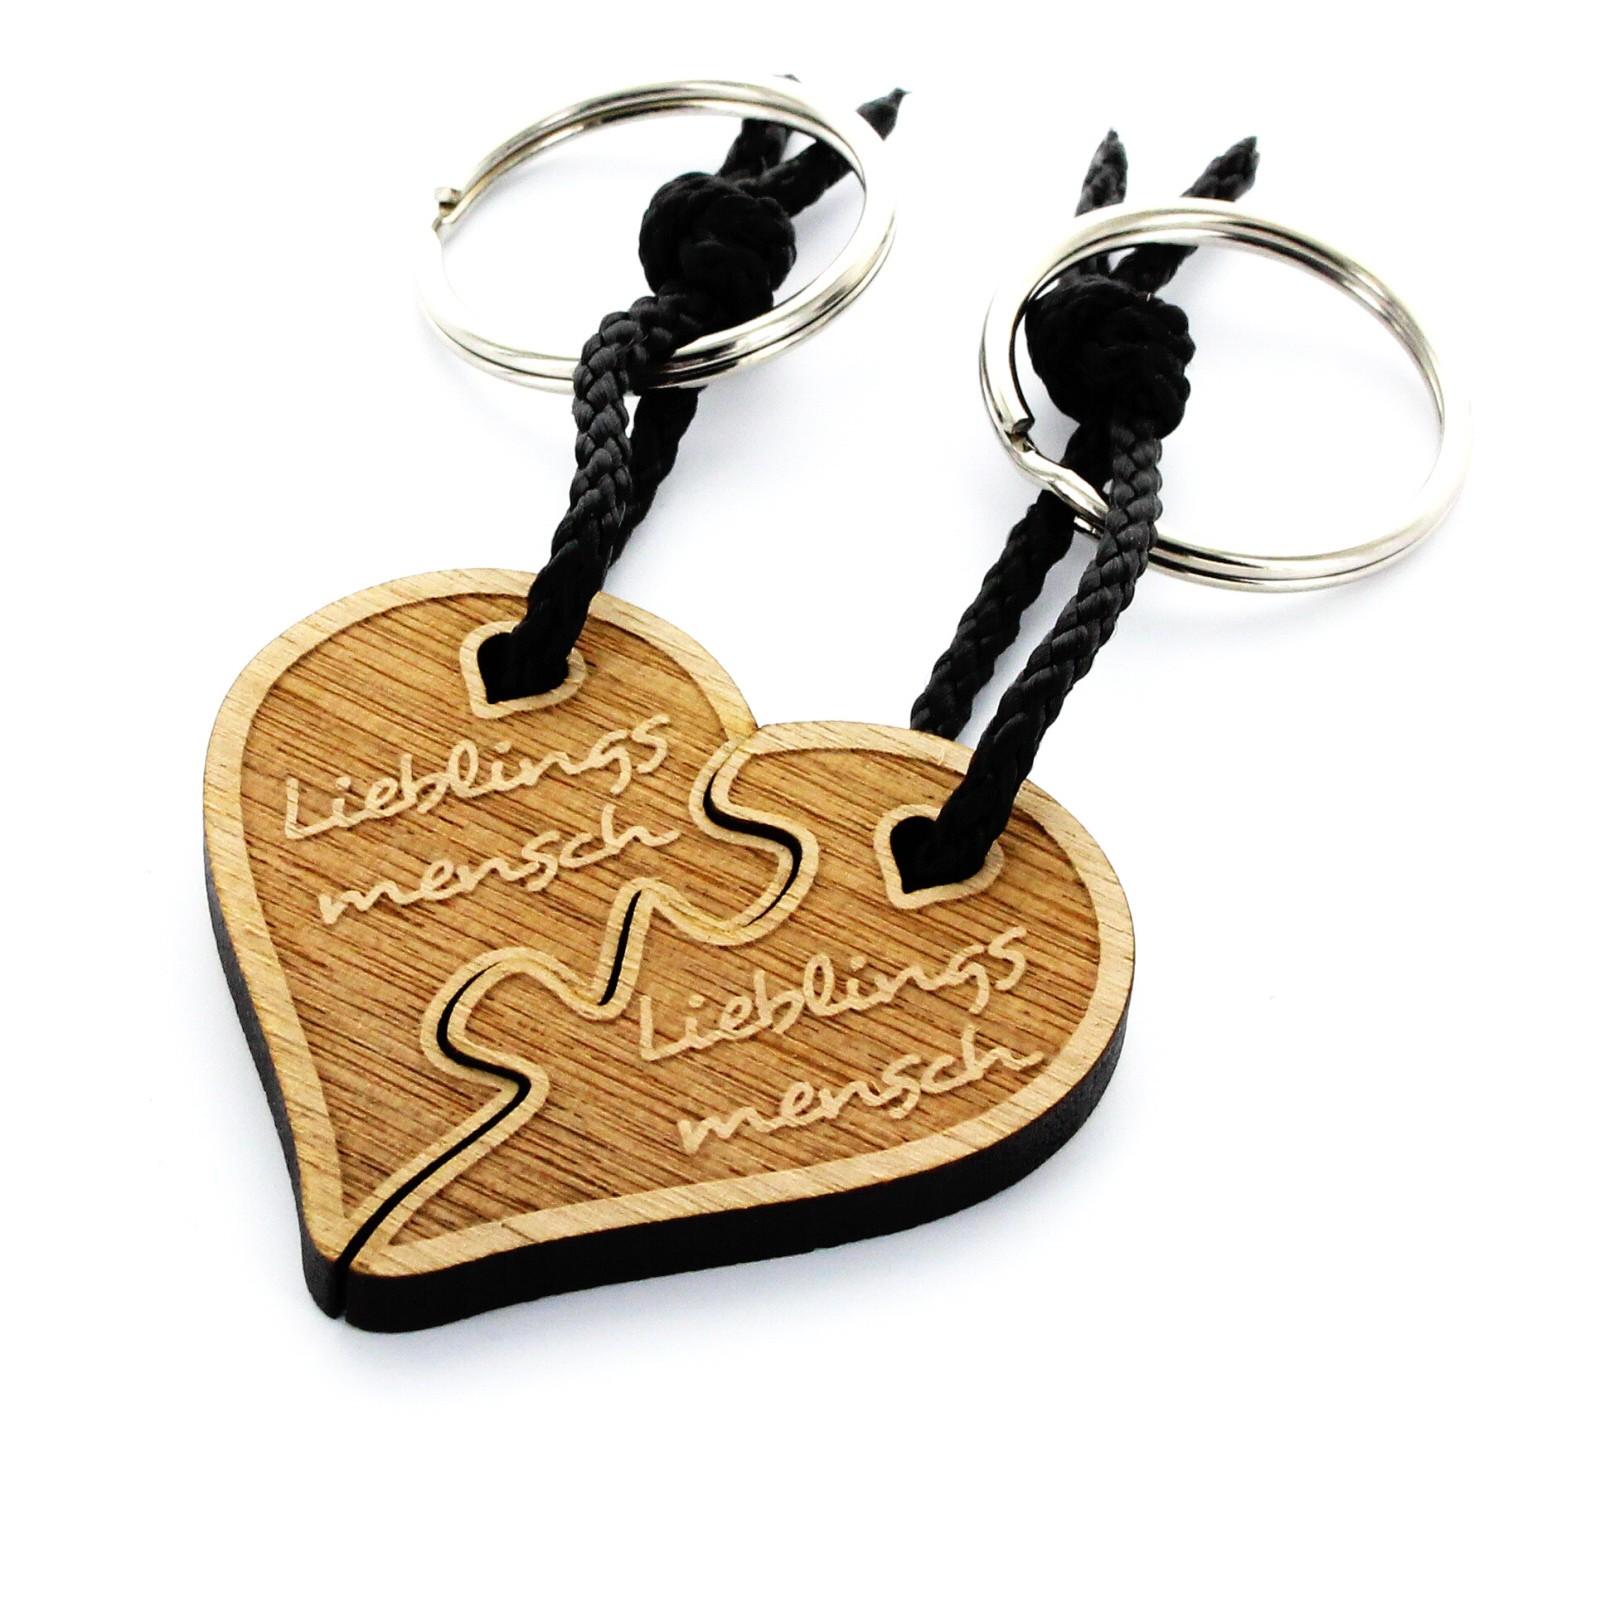 Holz Schlüsselanhänger Modell: geteiltes Herz Puzzle